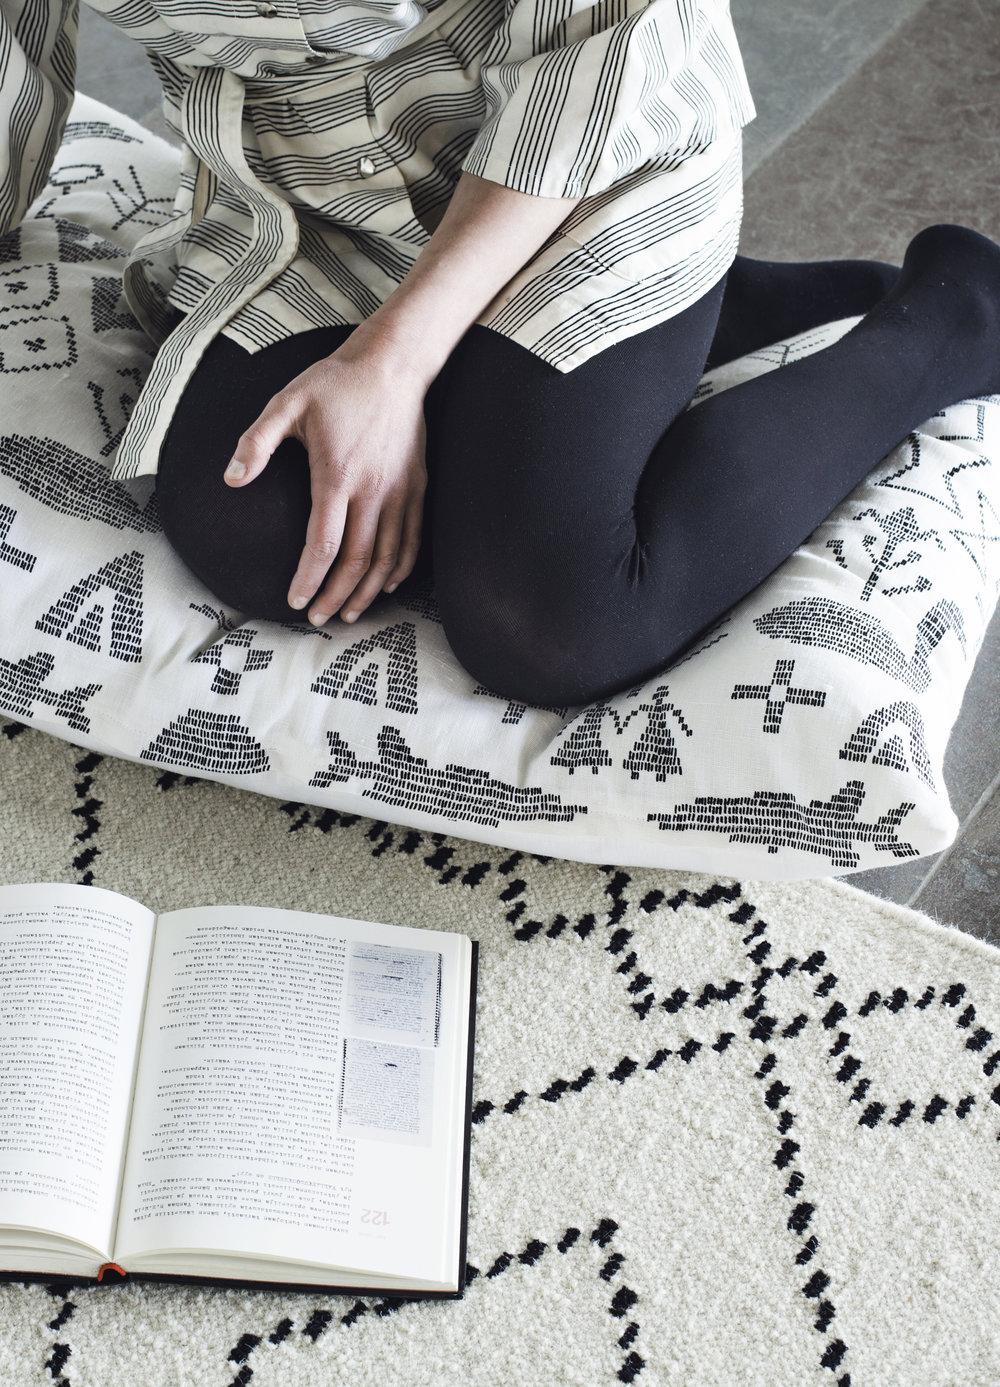 Koko-iäksi-carpet-Saana-ja-Olli-for-Mums-6-Photo-Suvi-Kesäläinen-hi-res.jpg